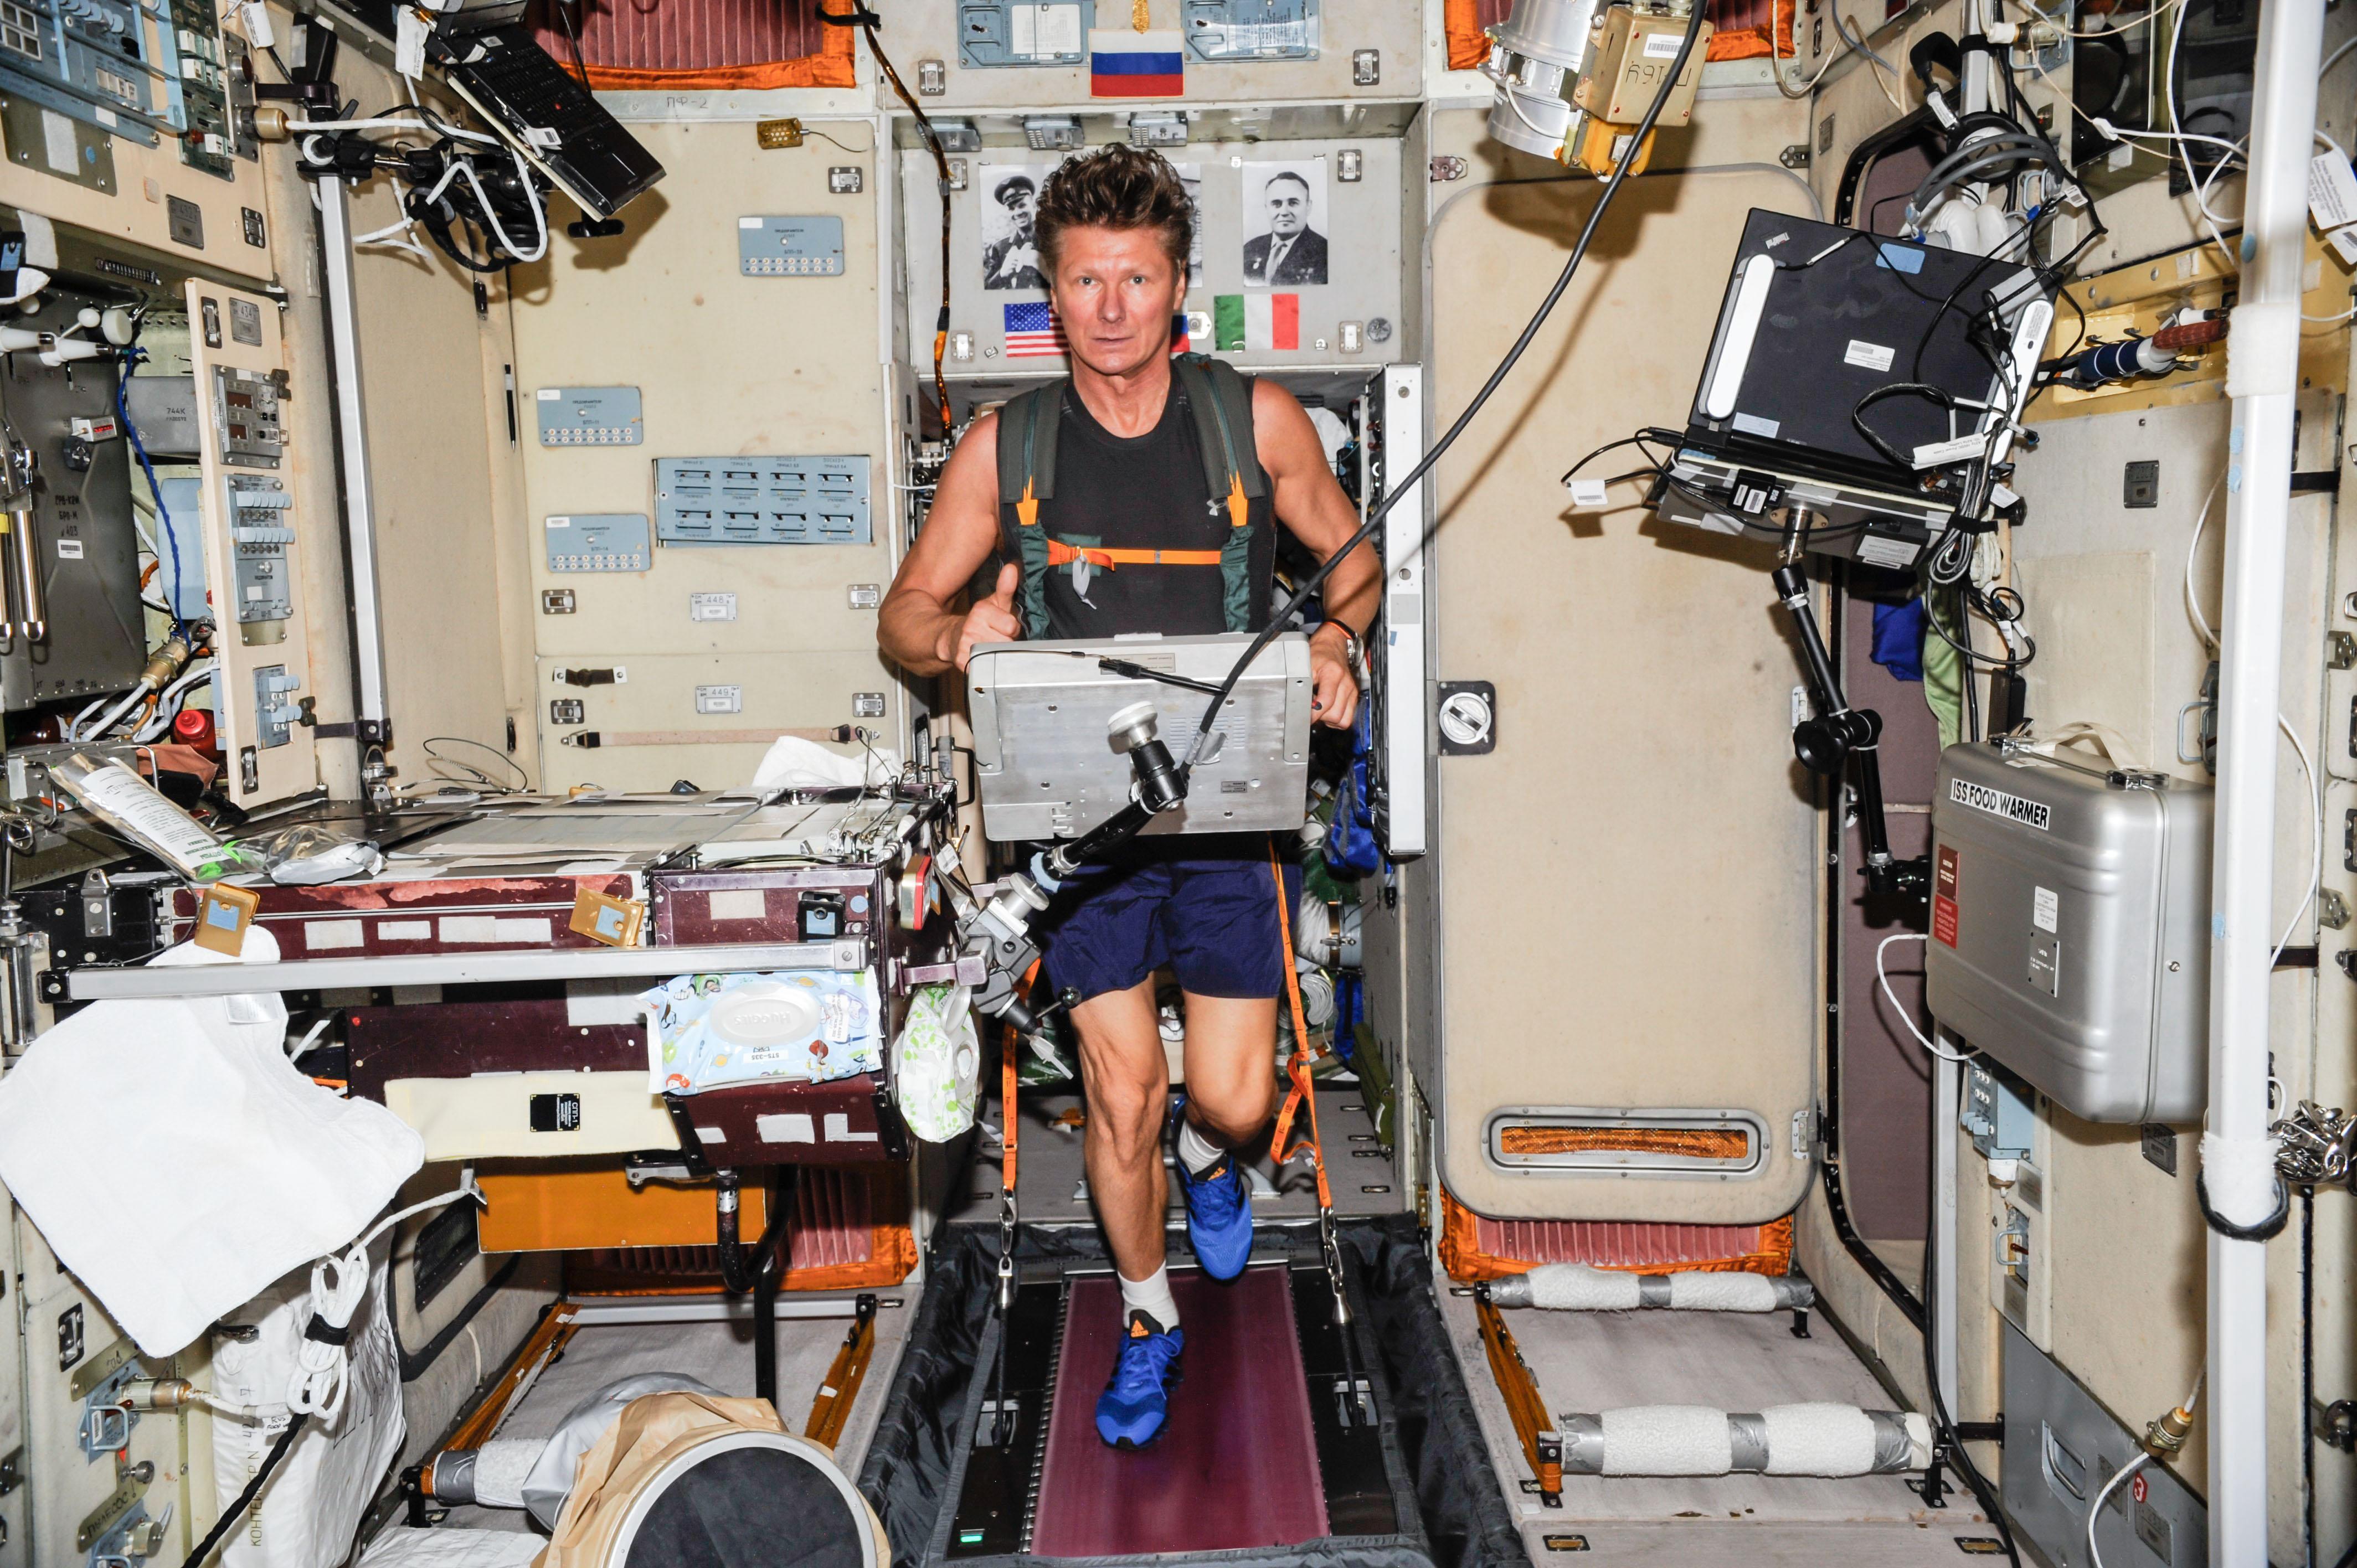 astronaut treadmill workout - photo #22